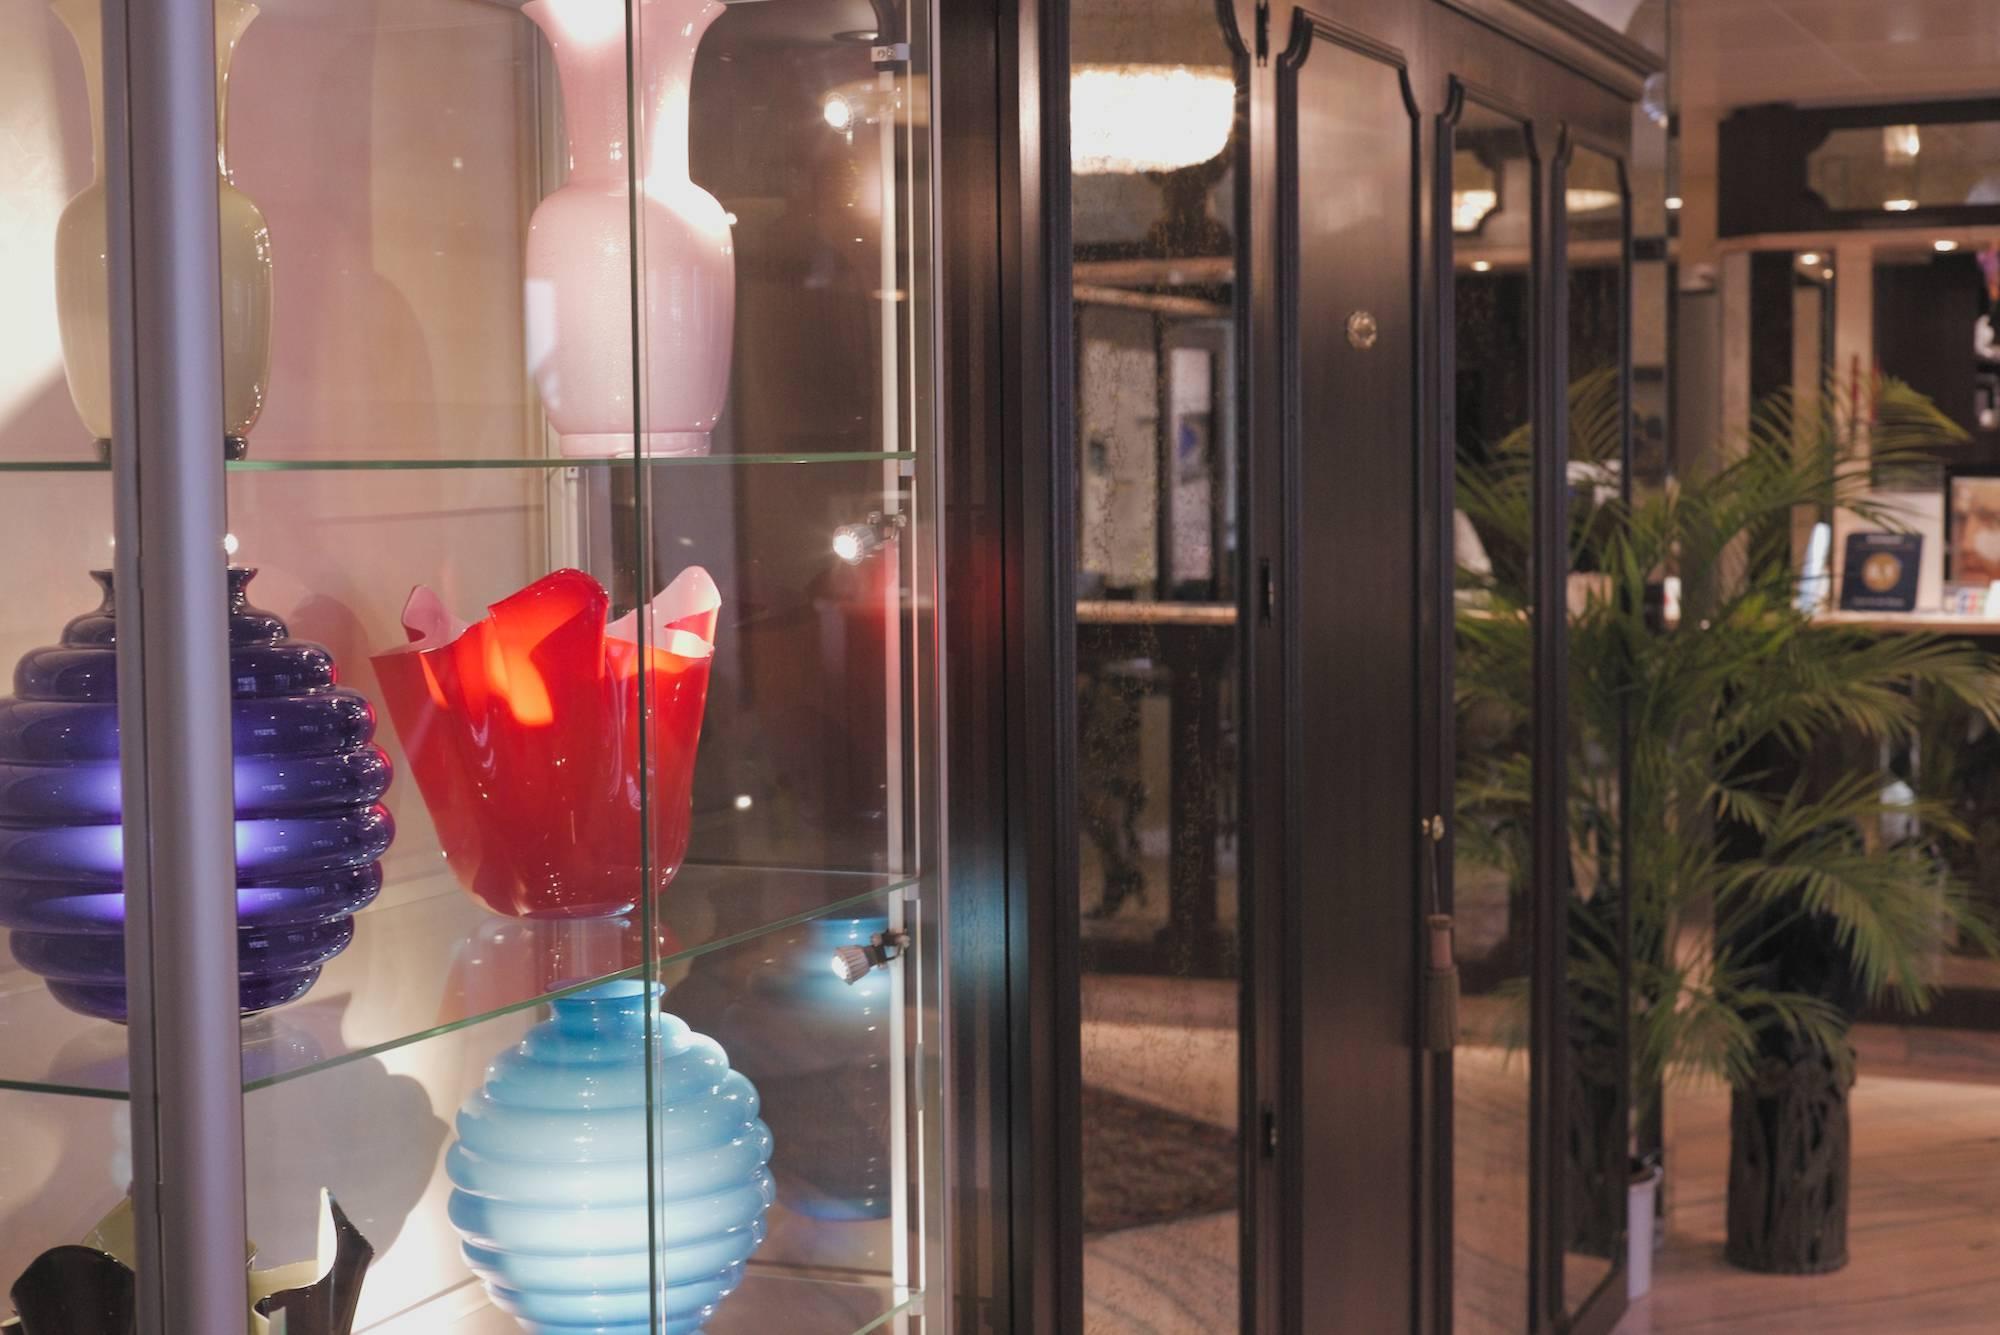 Eingangsbereich / Foyer | Hotel an der Messe | Frankfurt's insider tip · Business · Leisure